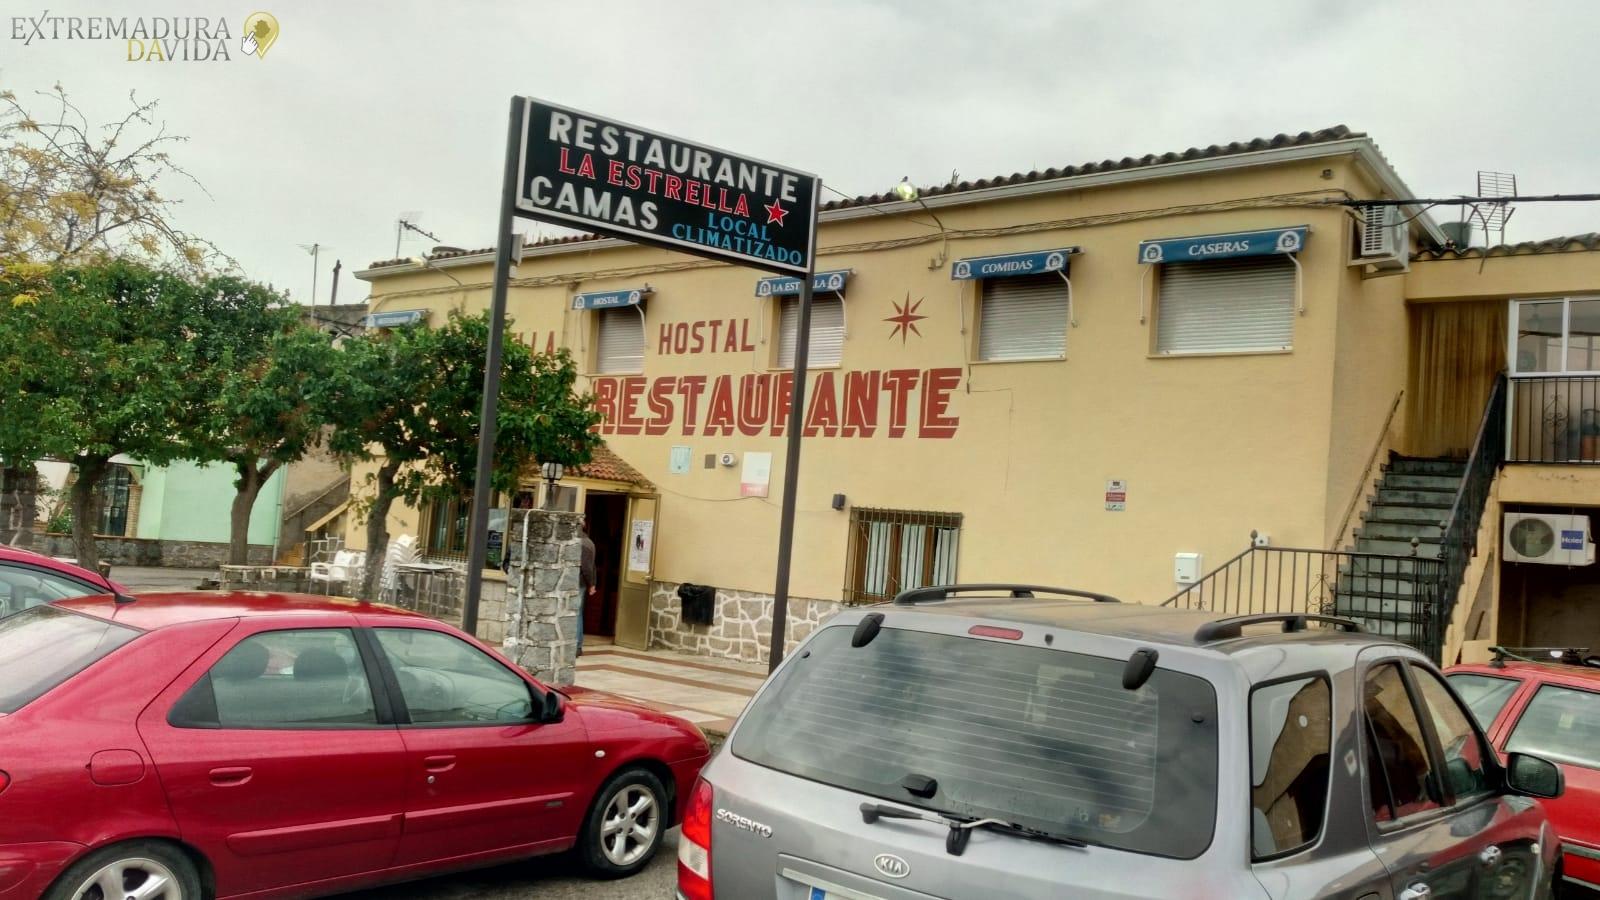 RESTAURANTE ALOJAMIENTOS EN LA TORRE DE SANTA MARÍA LA ESTRELLA